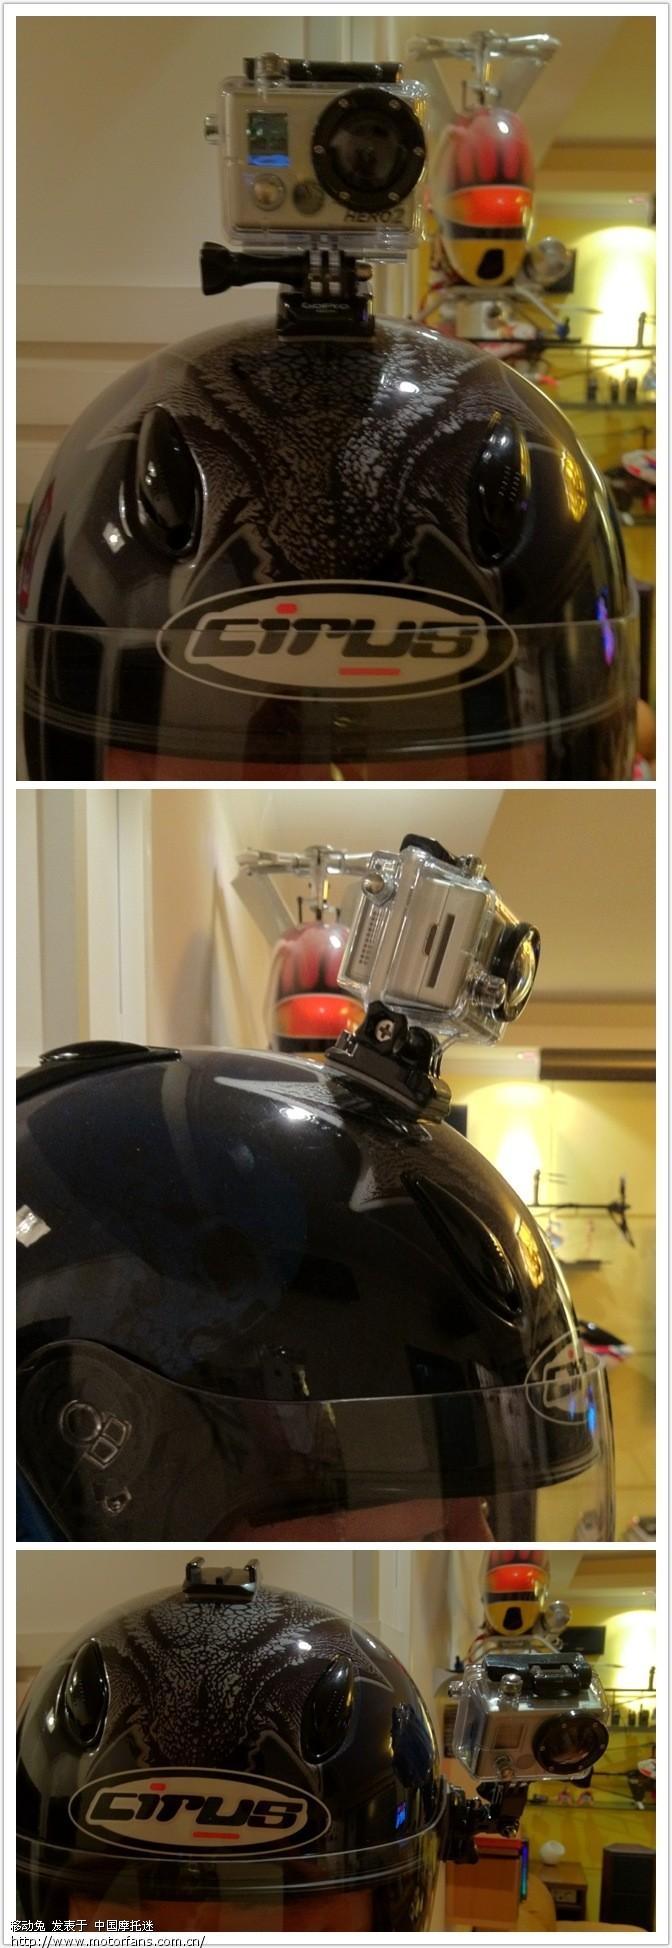 1、为了需要时关闭大灯,在车把上加装了开关; 2、拆卸部分饰板,对开关接线做必要的防护和固定; 3、开关线接入大灯继电器的线圈侧,通过对原厂大灯继电器控制线圈的控制,从而达到对大灯的闭合控制。(小插曲:钱江技师明确告知大灯继电器是2号,但是实际测量却发现是6号,电话中和技师争论被怒斥,后来钱江技师承认错误,说是新出厂的车子改了电路了) 4、完工后路测,效果完美!从此之后,非夜路不走! [